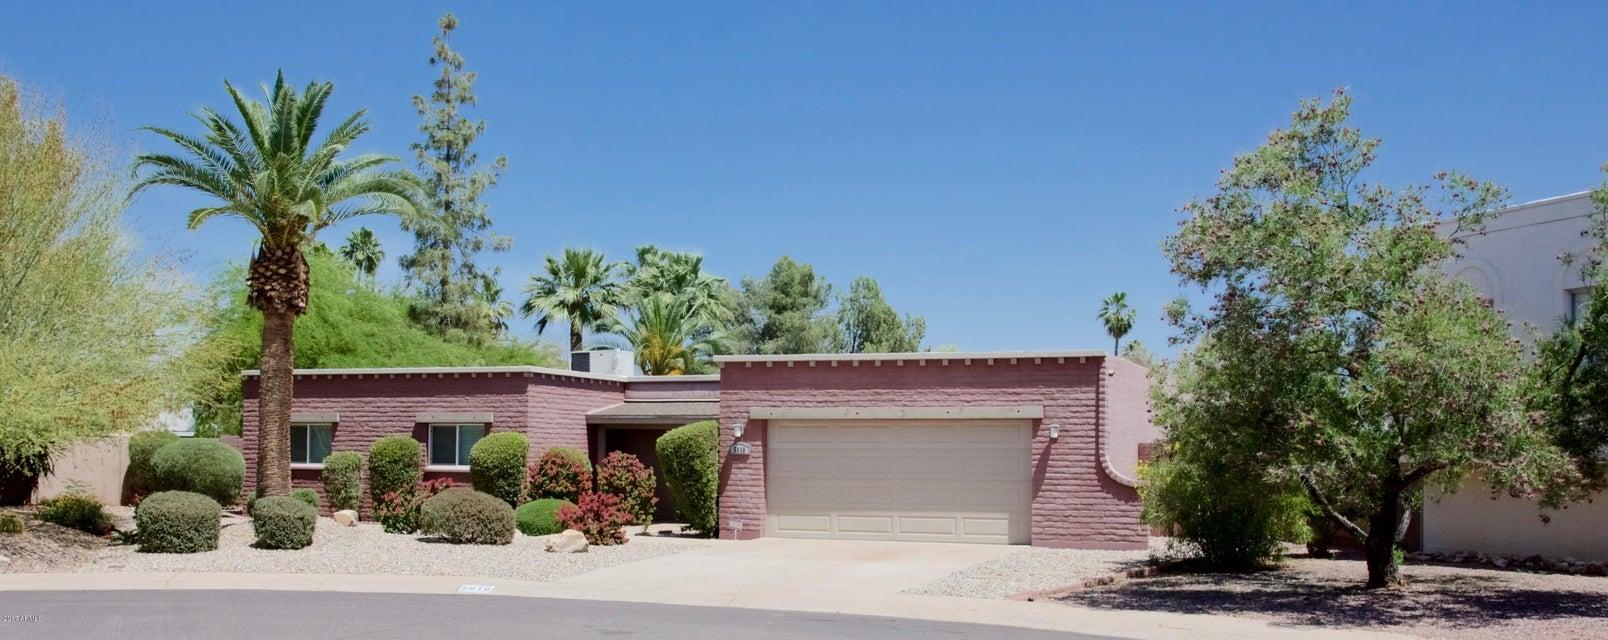 5019 N 86TH Place, Scottsdale, AZ 85250